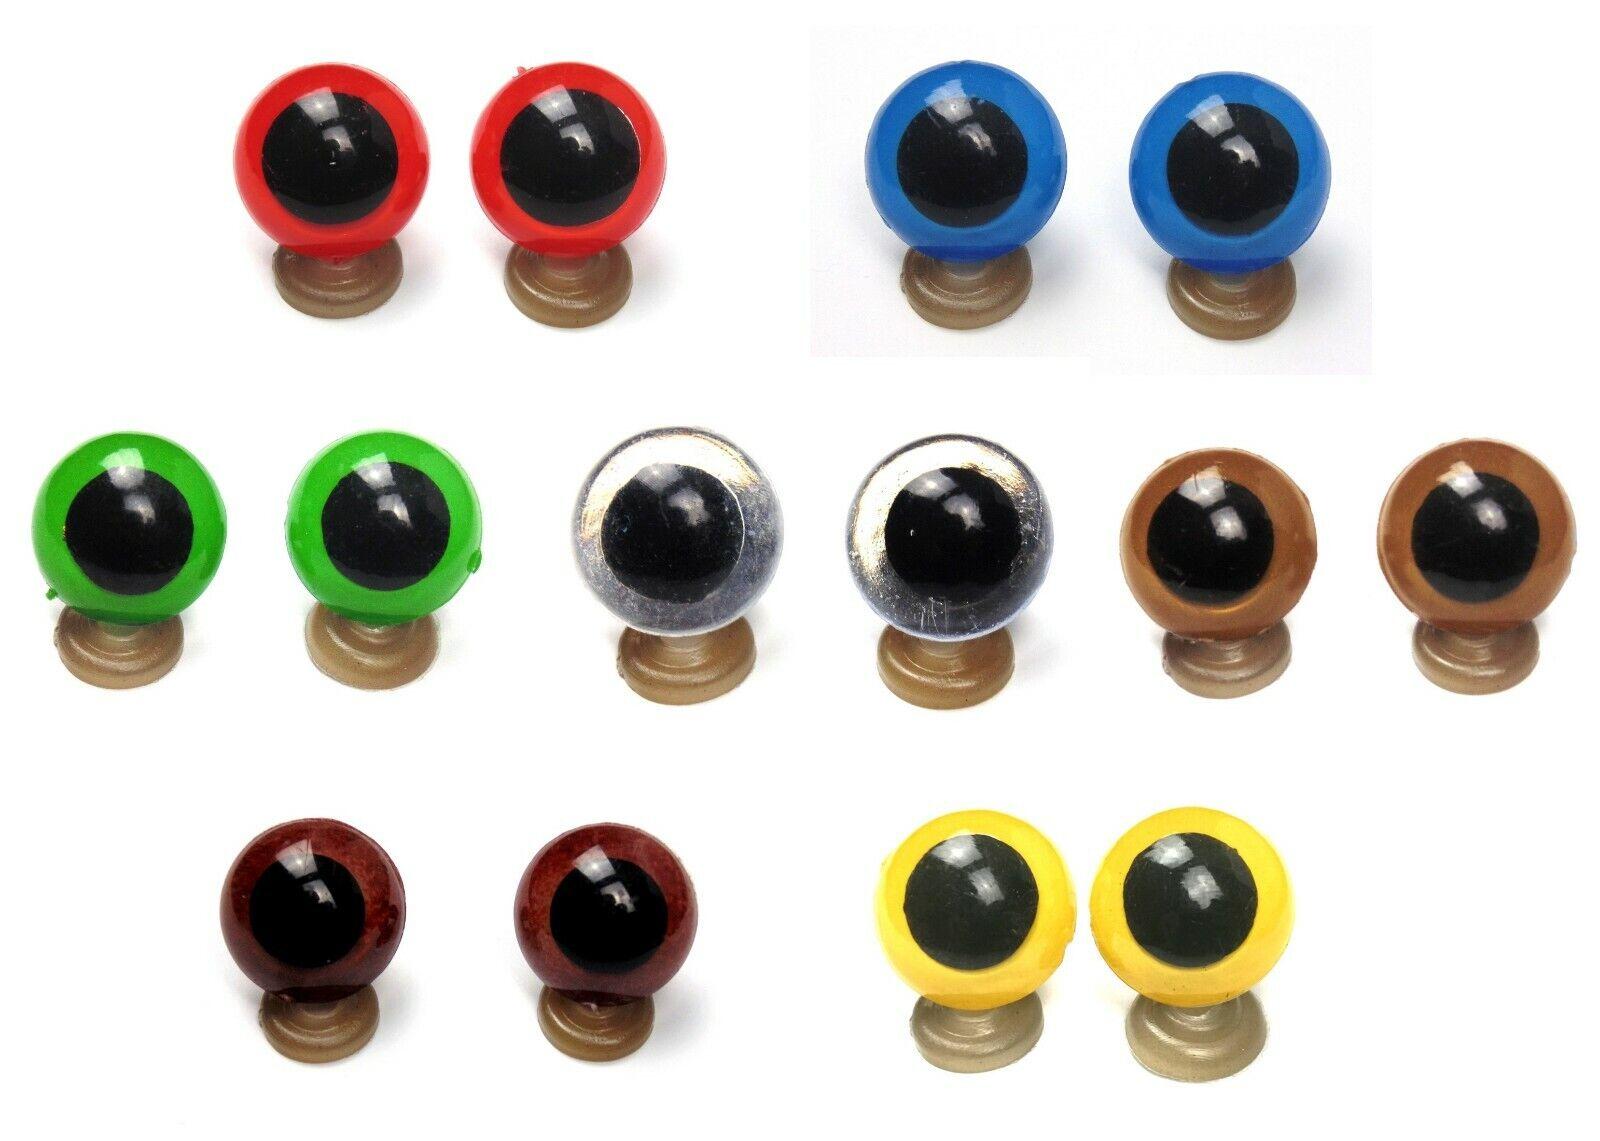 Finden, vergleichen, kaufen - 8-20 mm Plastic Safety Eyes Blue Green Red Brown Amber Amigurumi Toy Teddy Bear  auf eBay.co.uk ab 0.99 GBP